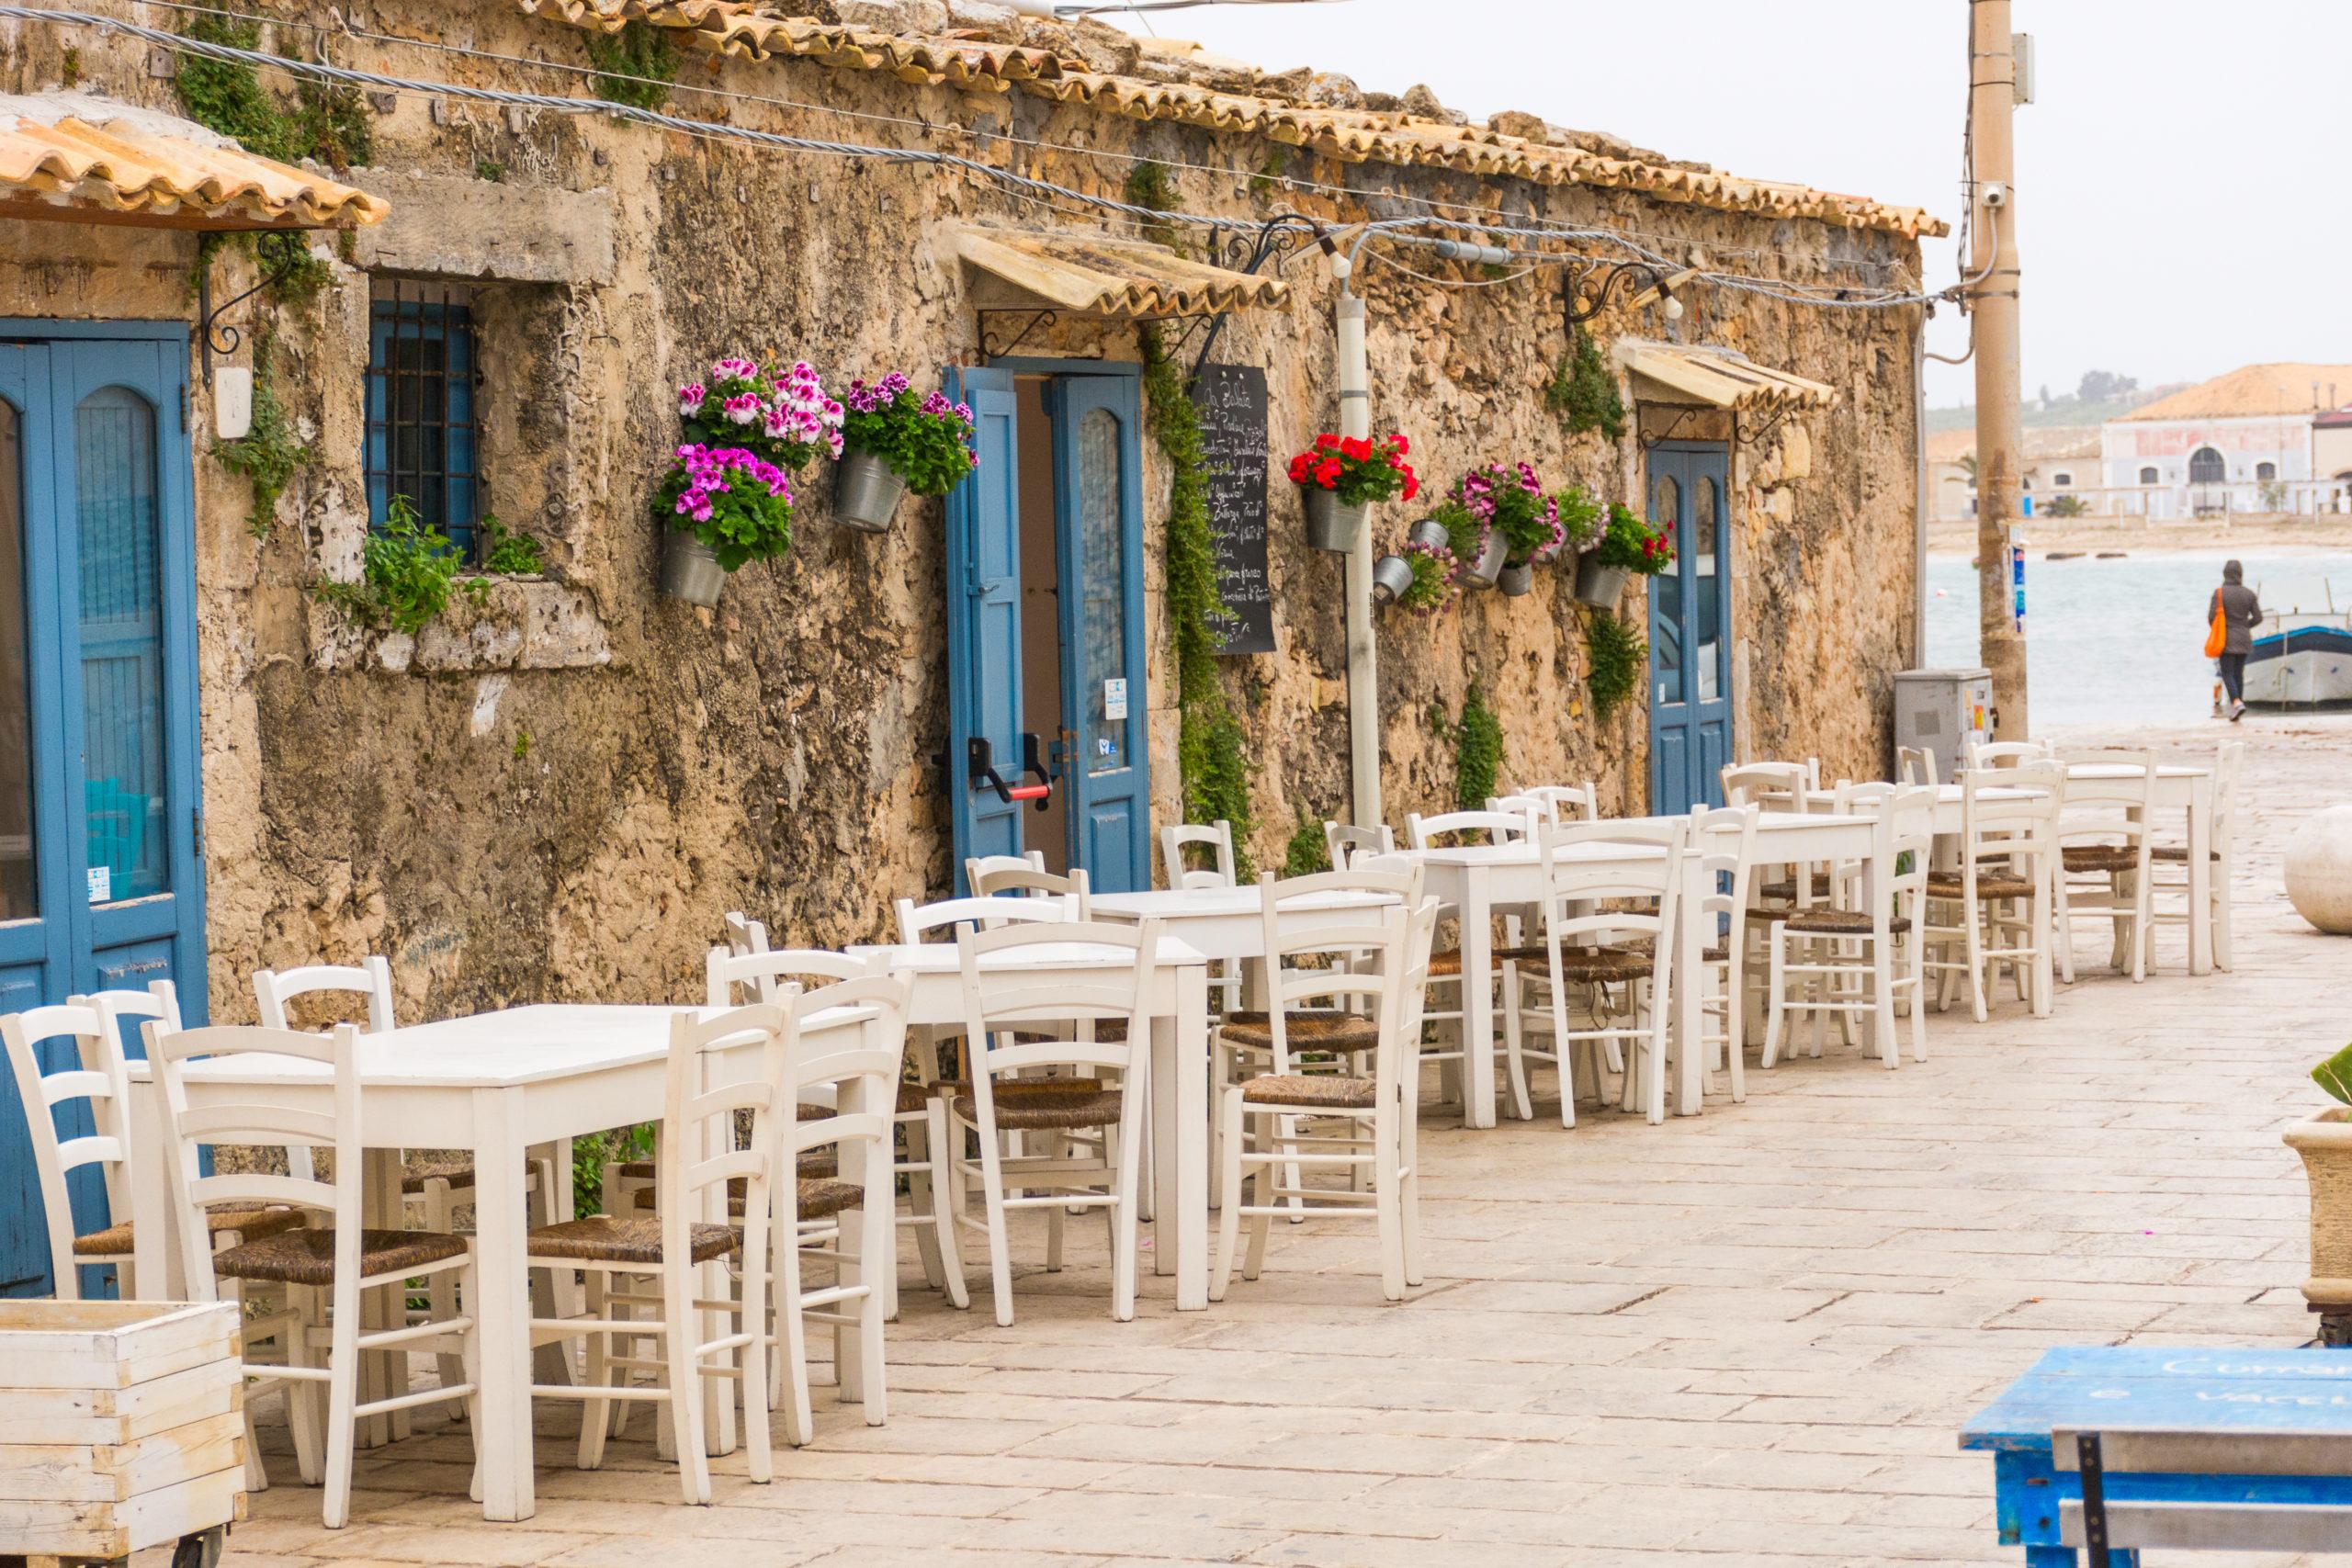 Kuchnia Sycylii - co warto zjeść na Sycylii